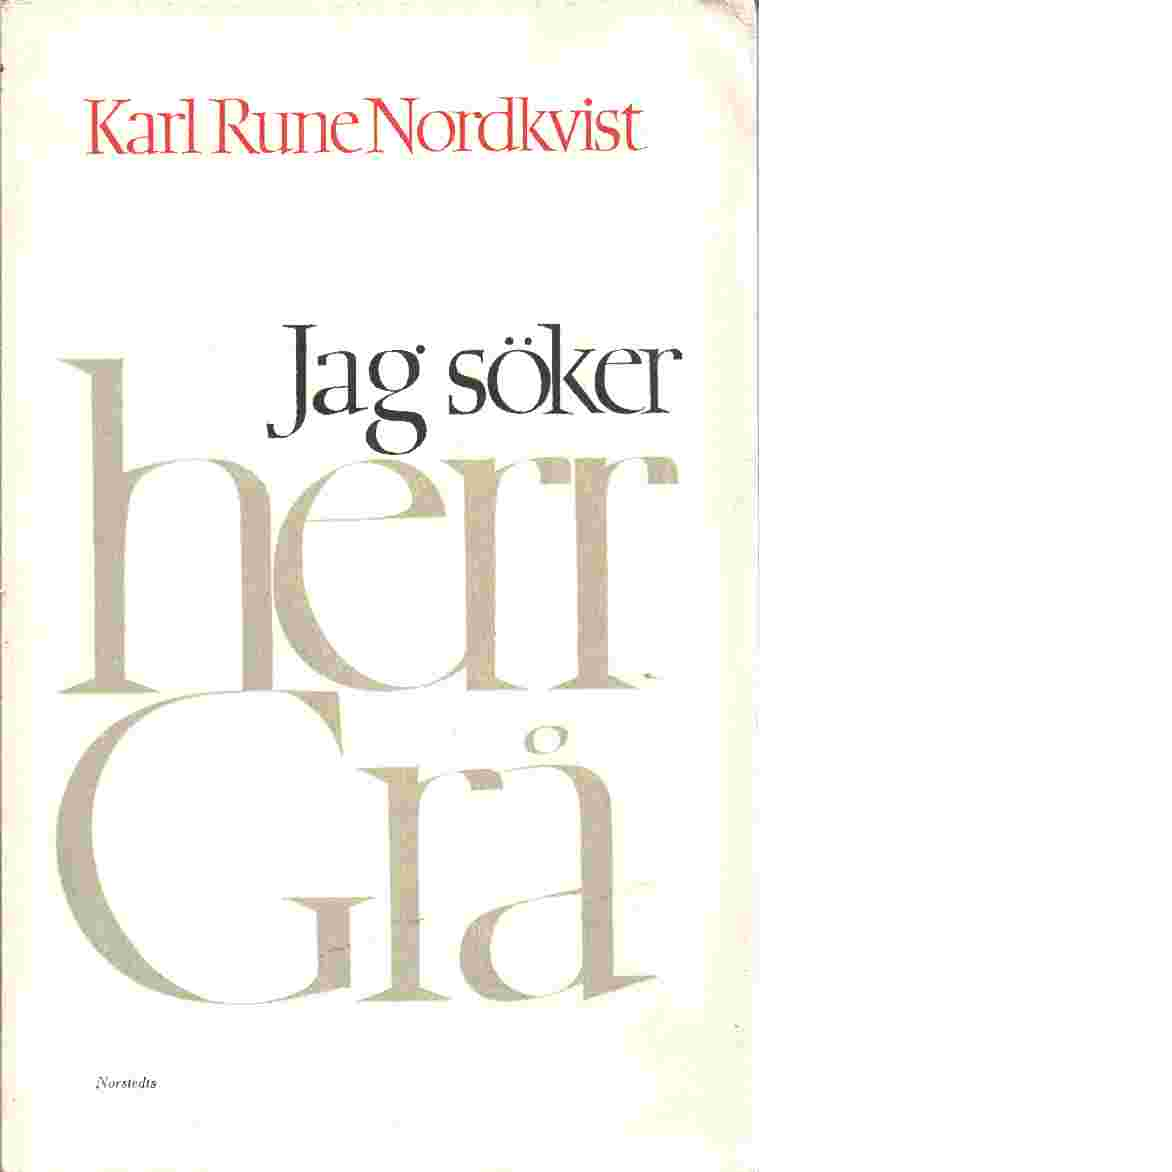 Jag söker herr Grå - Nordkvist, Karl Rune